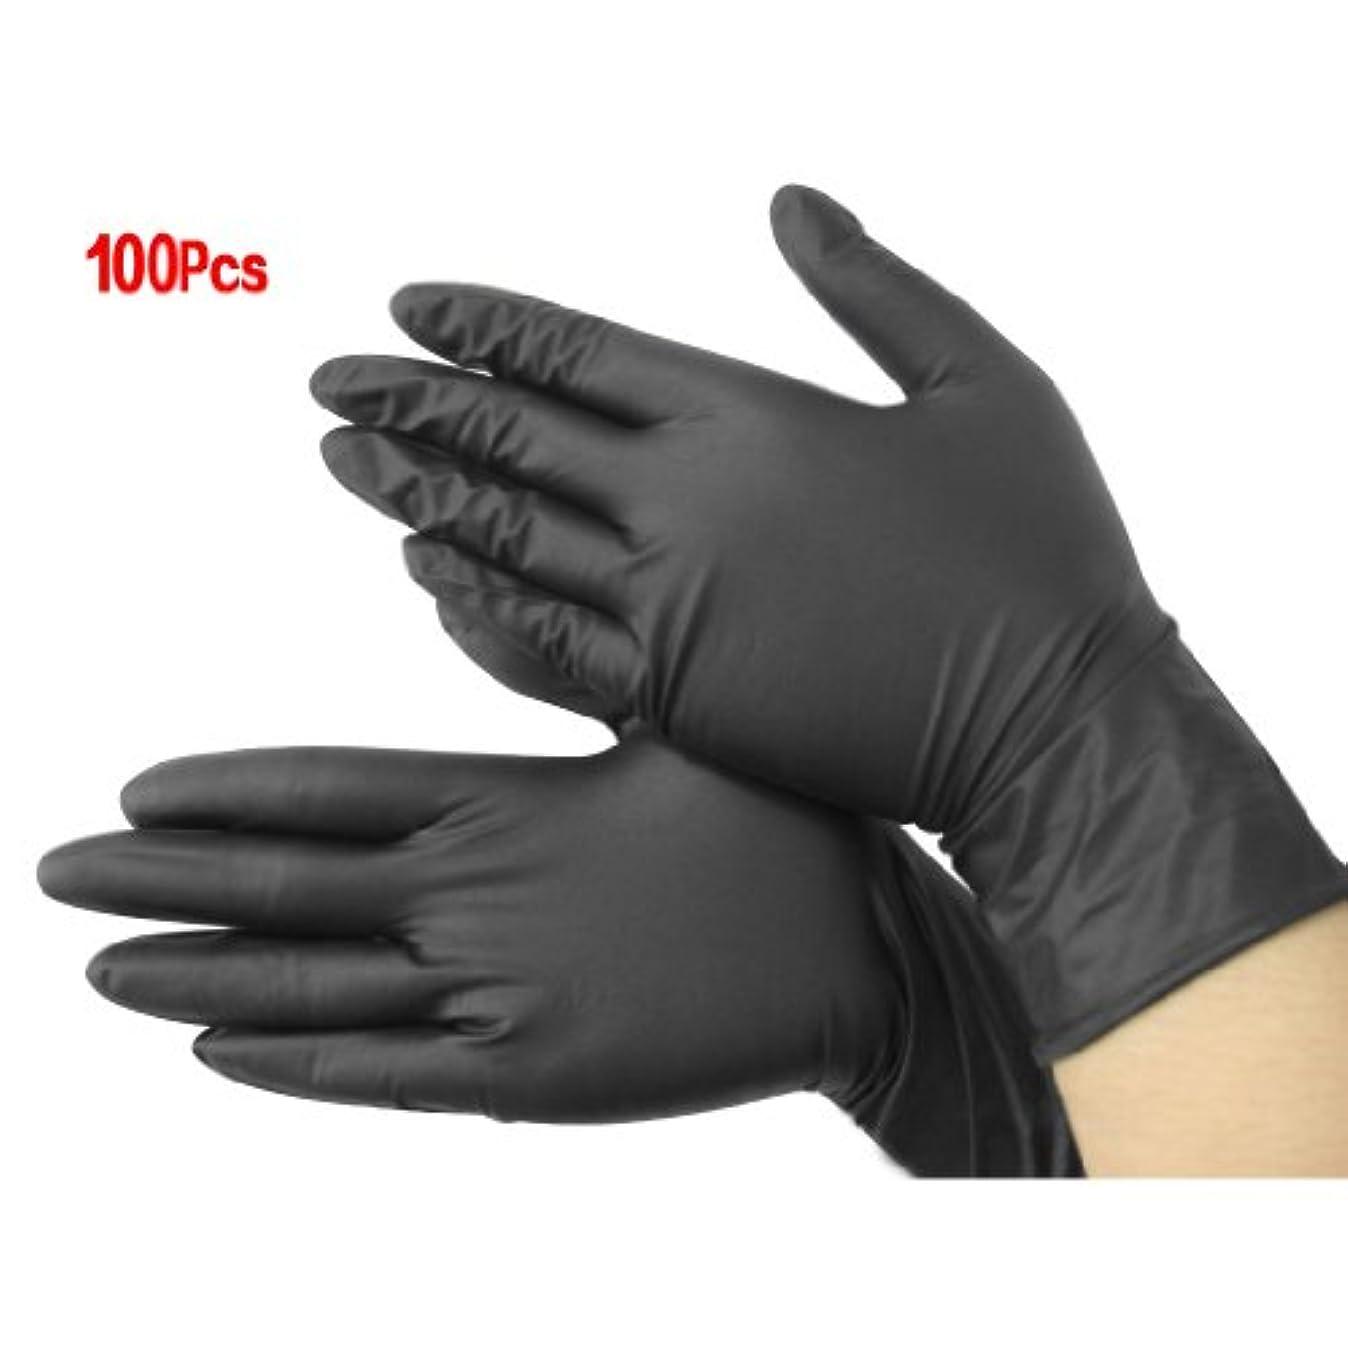 類似性地震不安定な手袋,SODIAL(R)黒いニトリル使い捨てクール手袋 パワーフリーX100 - 入れ墨 - メカニック 新しい